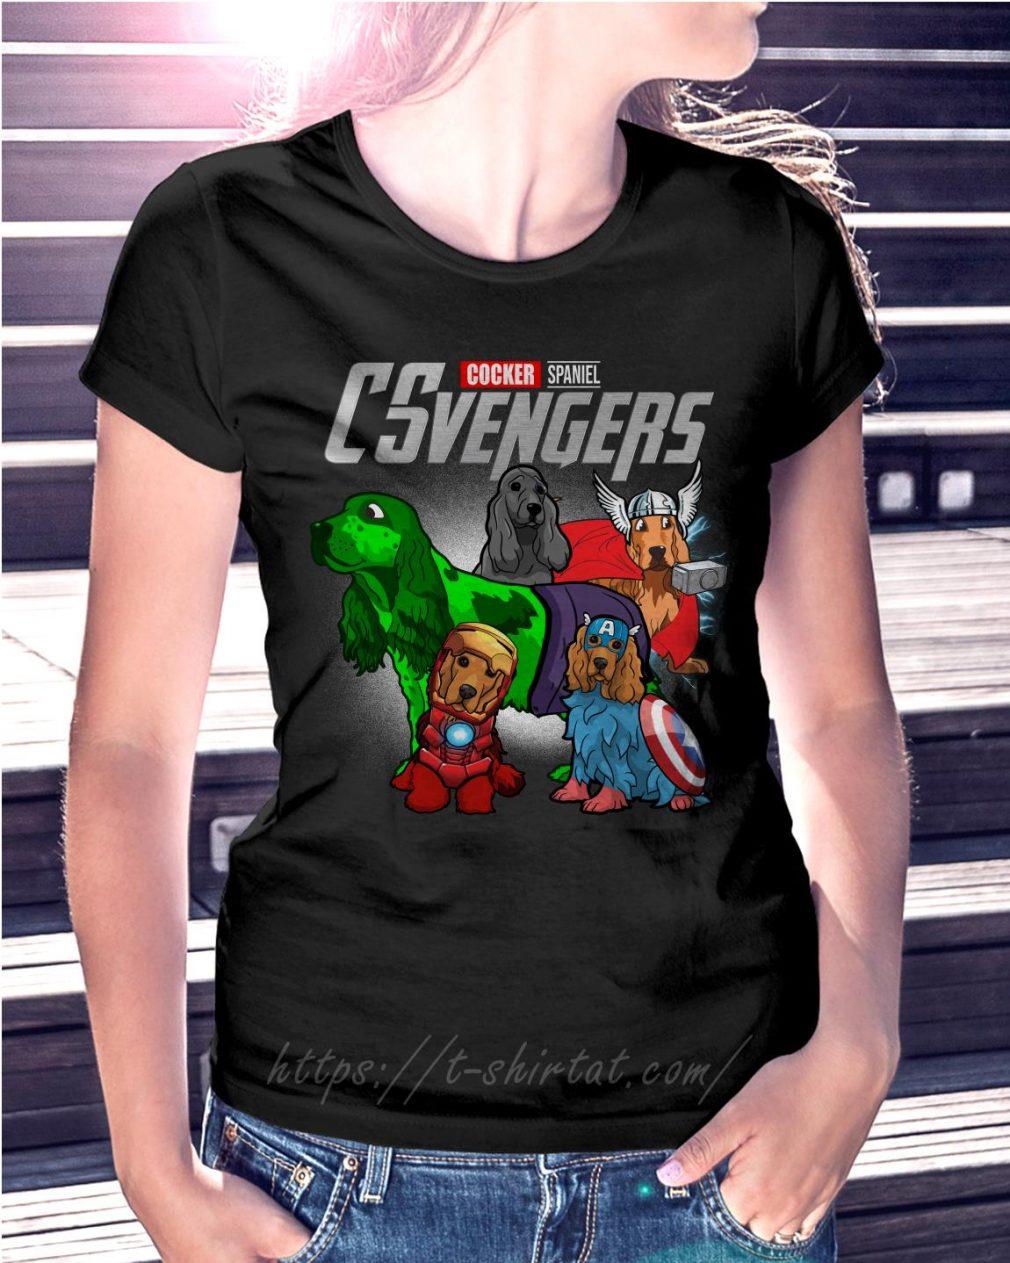 Marvel Cocker Spaniel CSvengers